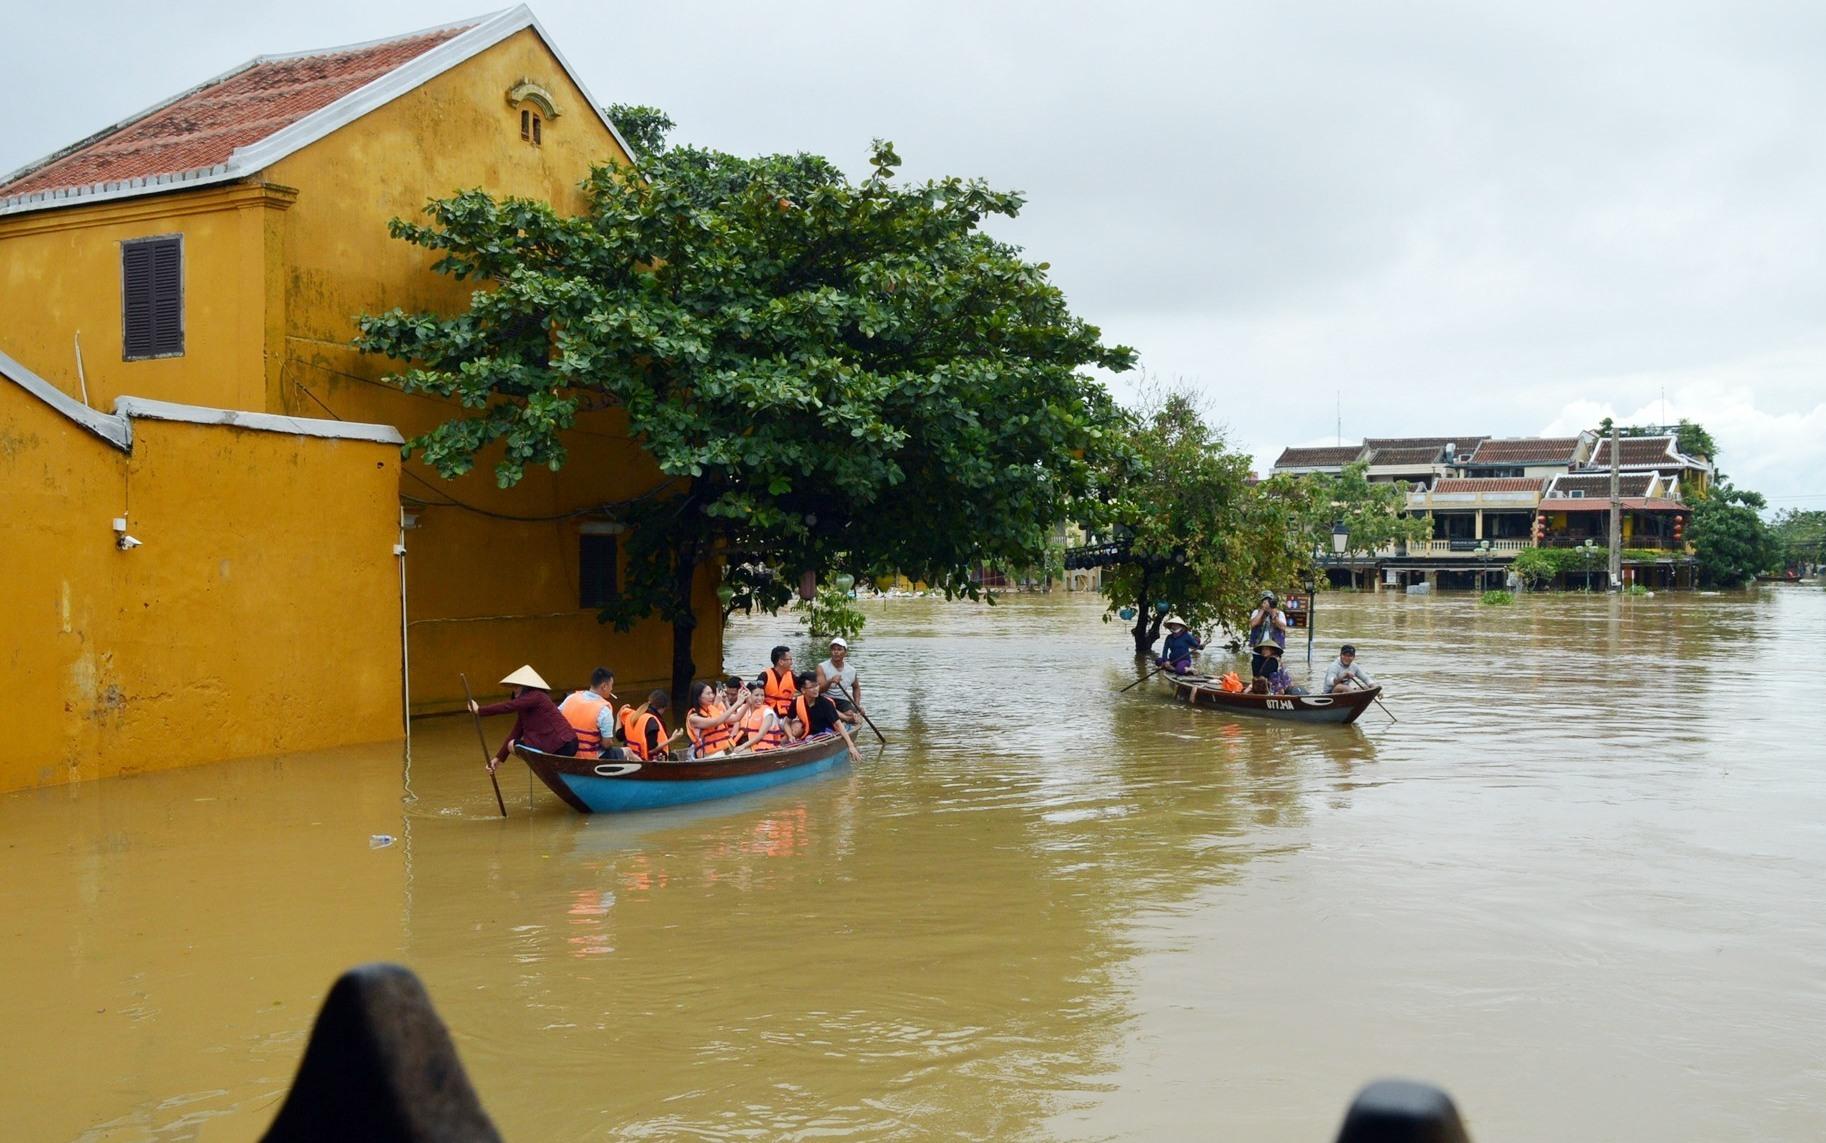 Du khách khám phá Chùa Cầu mùa lụt từ xa bằng thuyền.